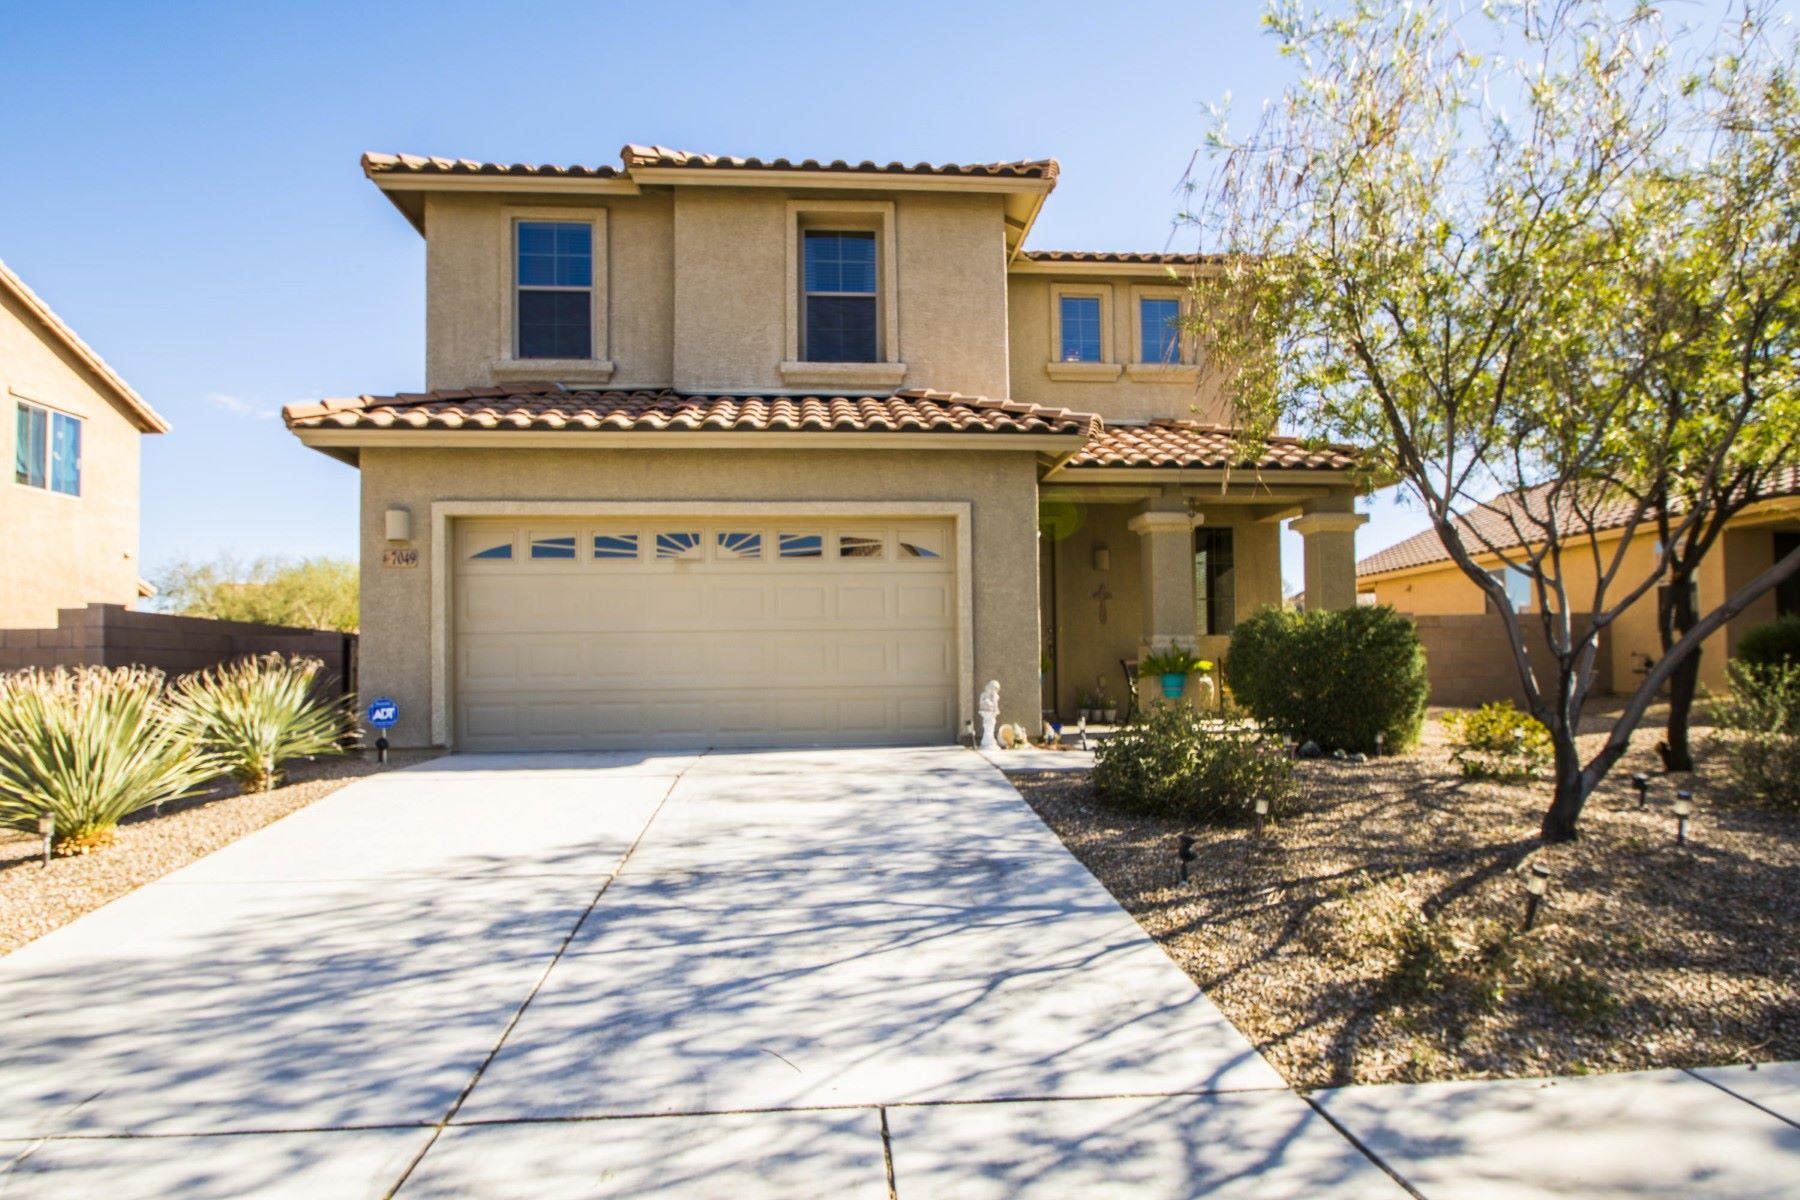 一戸建て のために 売買 アット Beautiful home in Star Valley 7049 W Fall Haven Way Tucson, アリゾナ, 85757 アメリカ合衆国